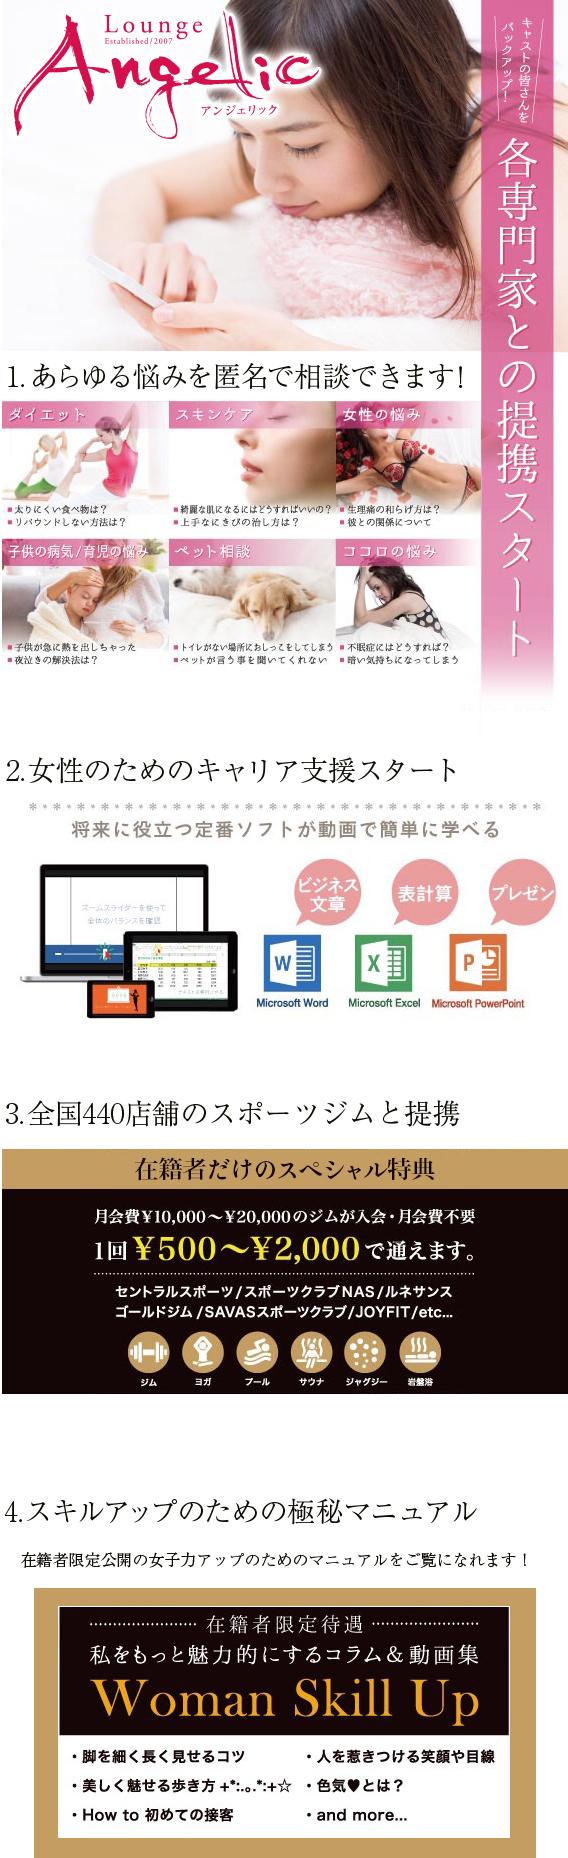 宮崎のキャバクラAngelicの求人情報・キャストサポート情報